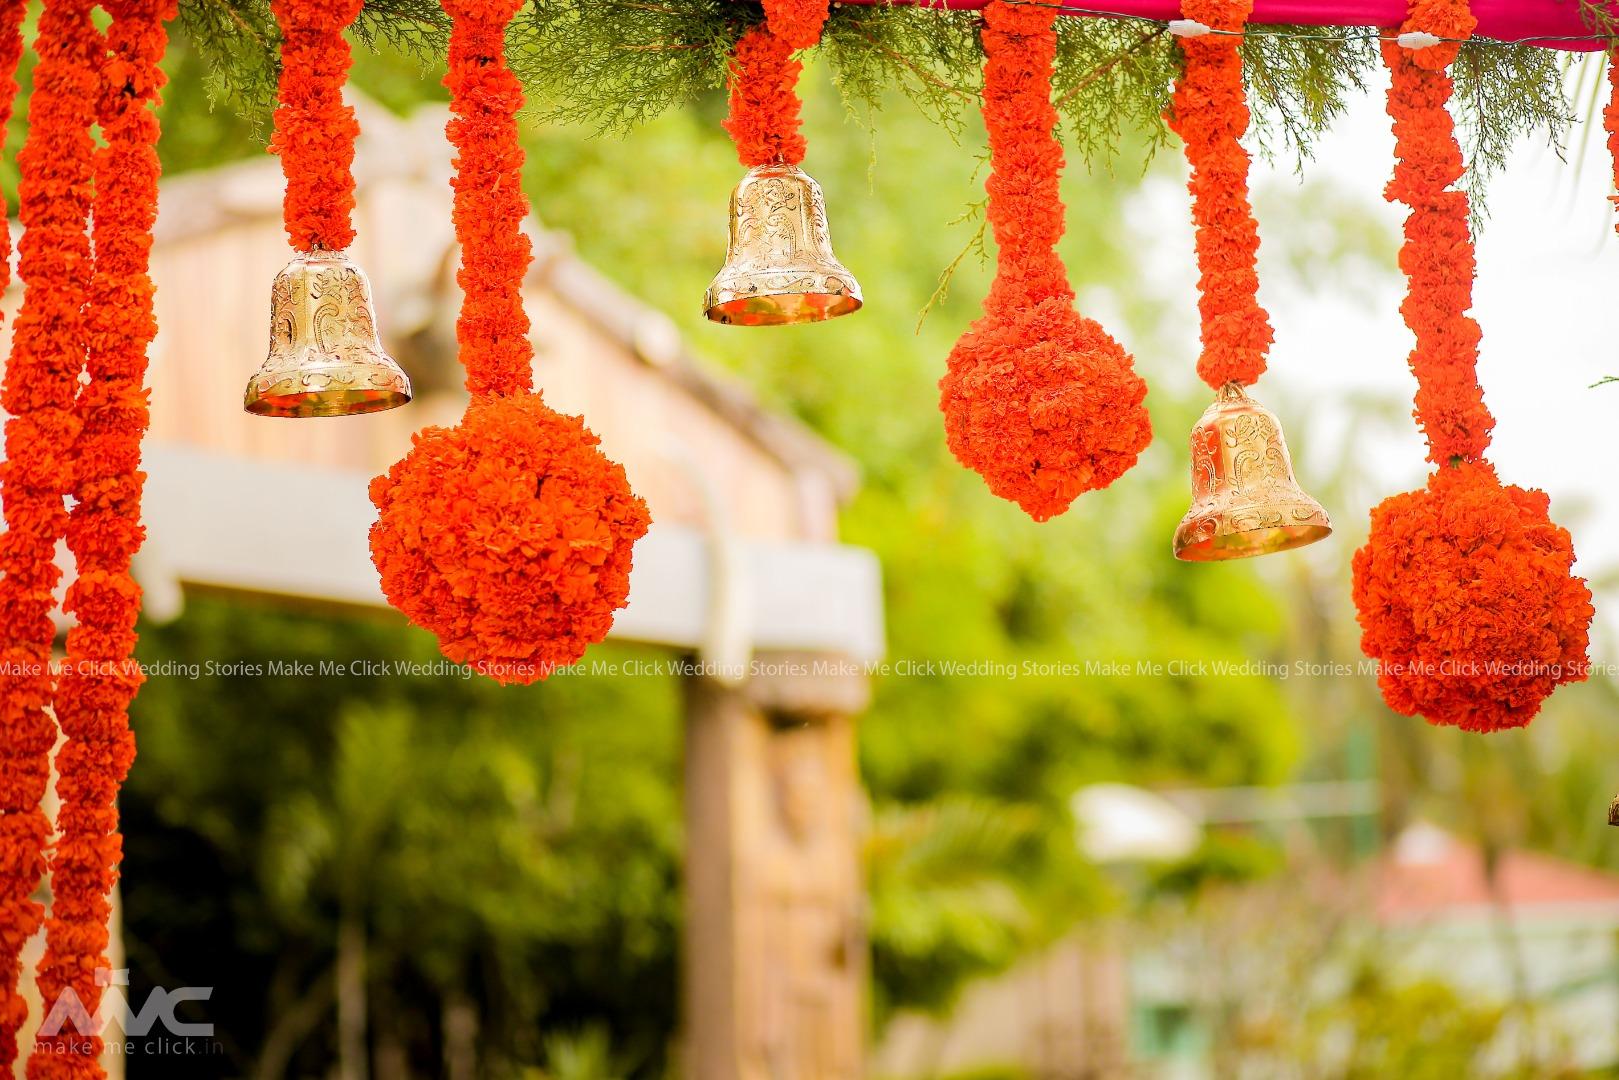 Marigold Balls and Bells Decor